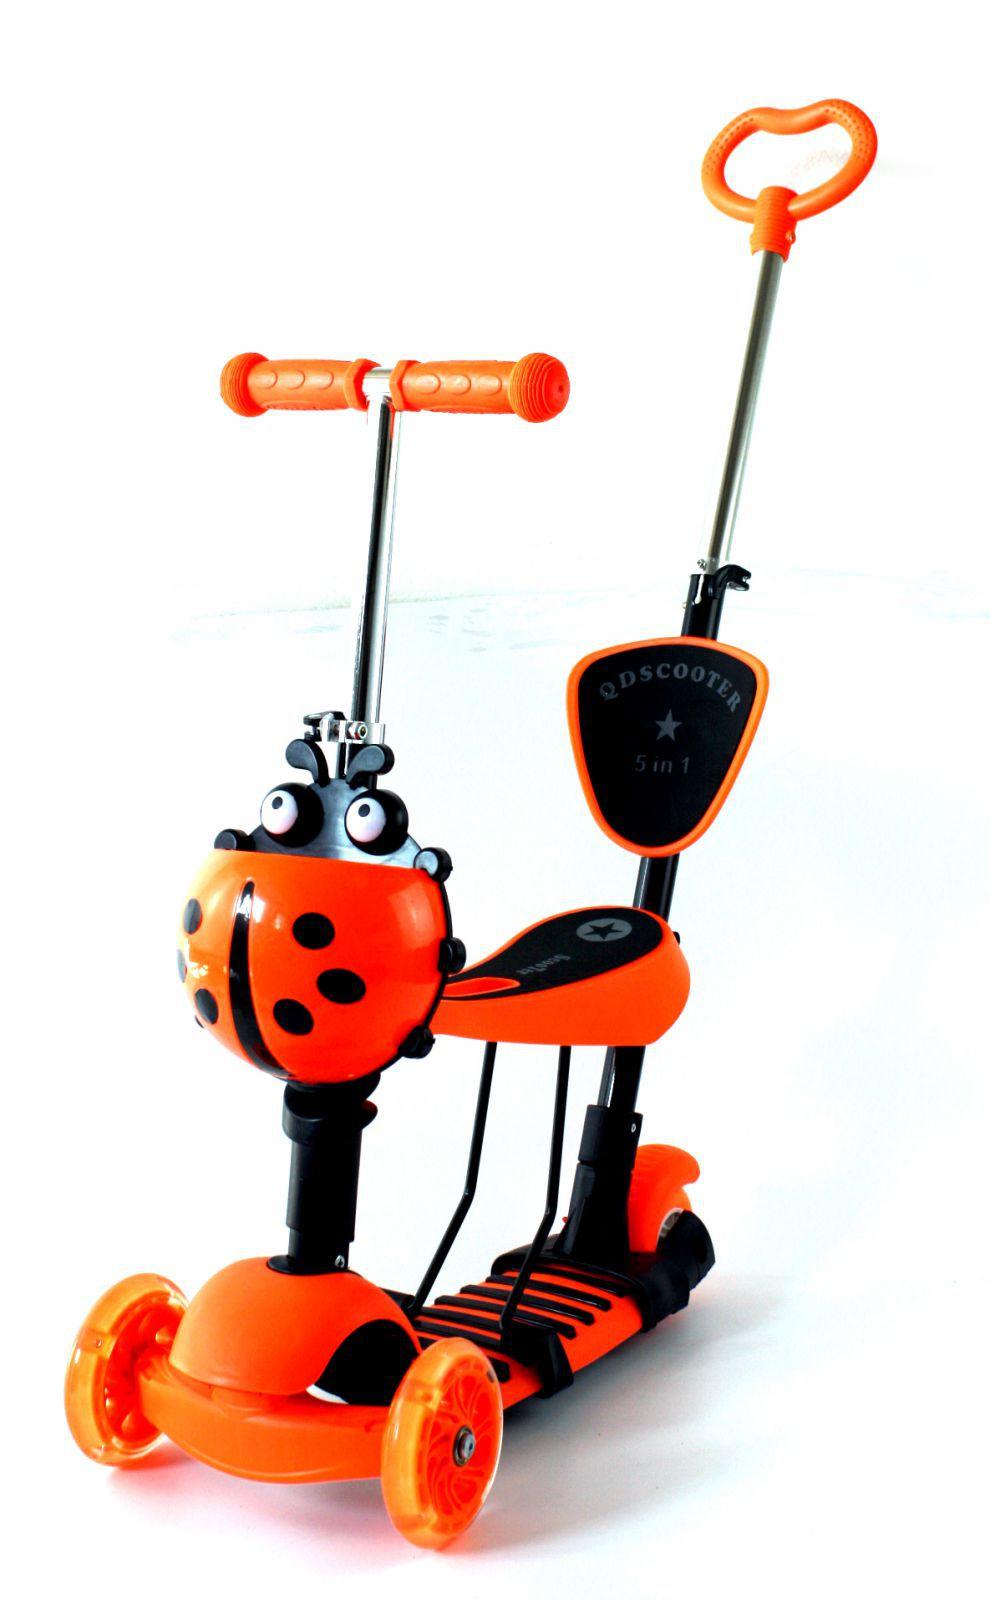 Luxusní dětské odrážedlo/koloběžka/tahač 2 v 1 s košíkem na všechny důležité drobnosti oranžové